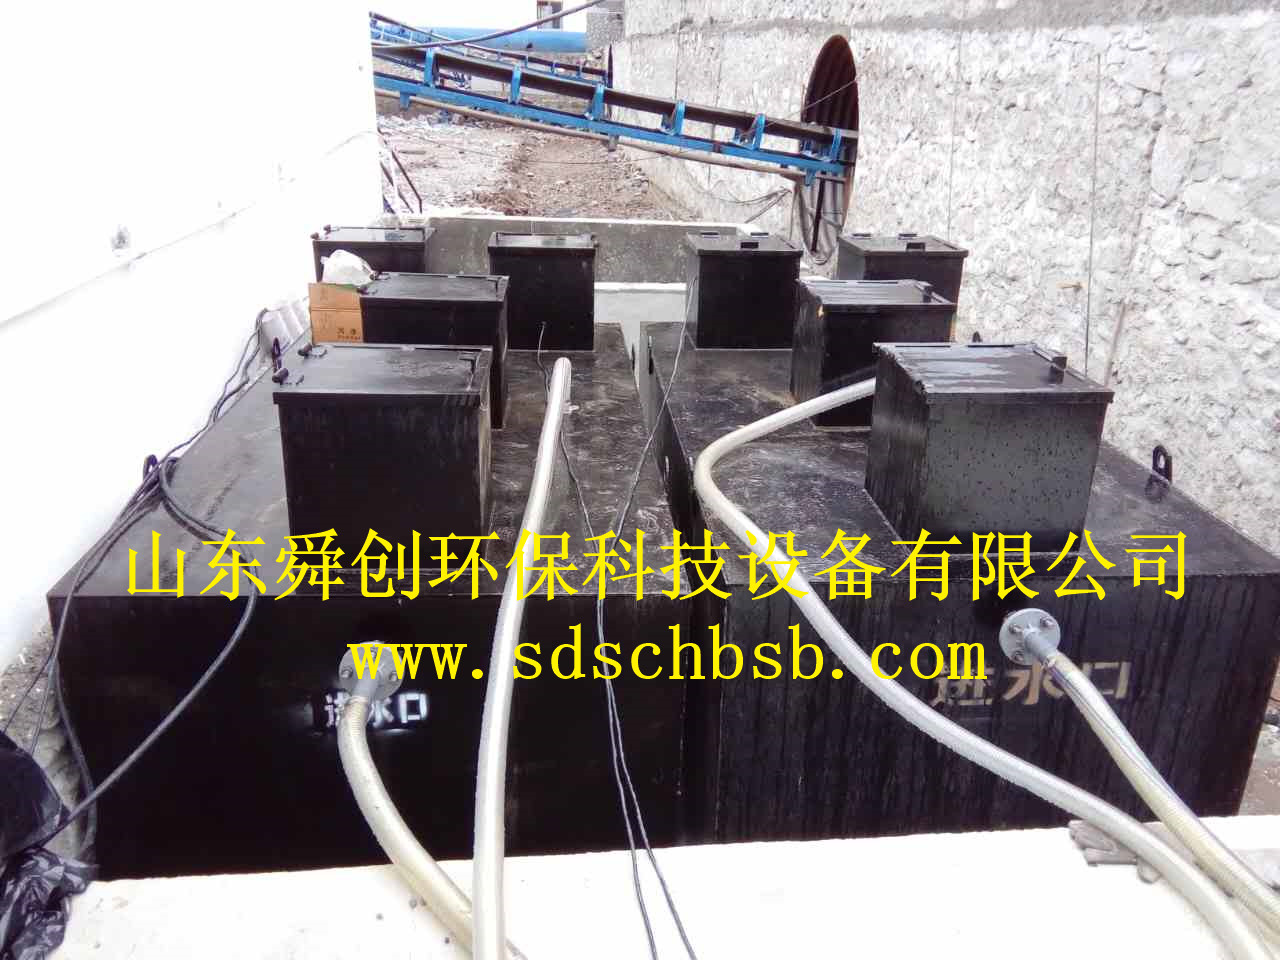 (2) 低压保护接地系统设专用保护接地系统,对电气设备外壳和插座进行